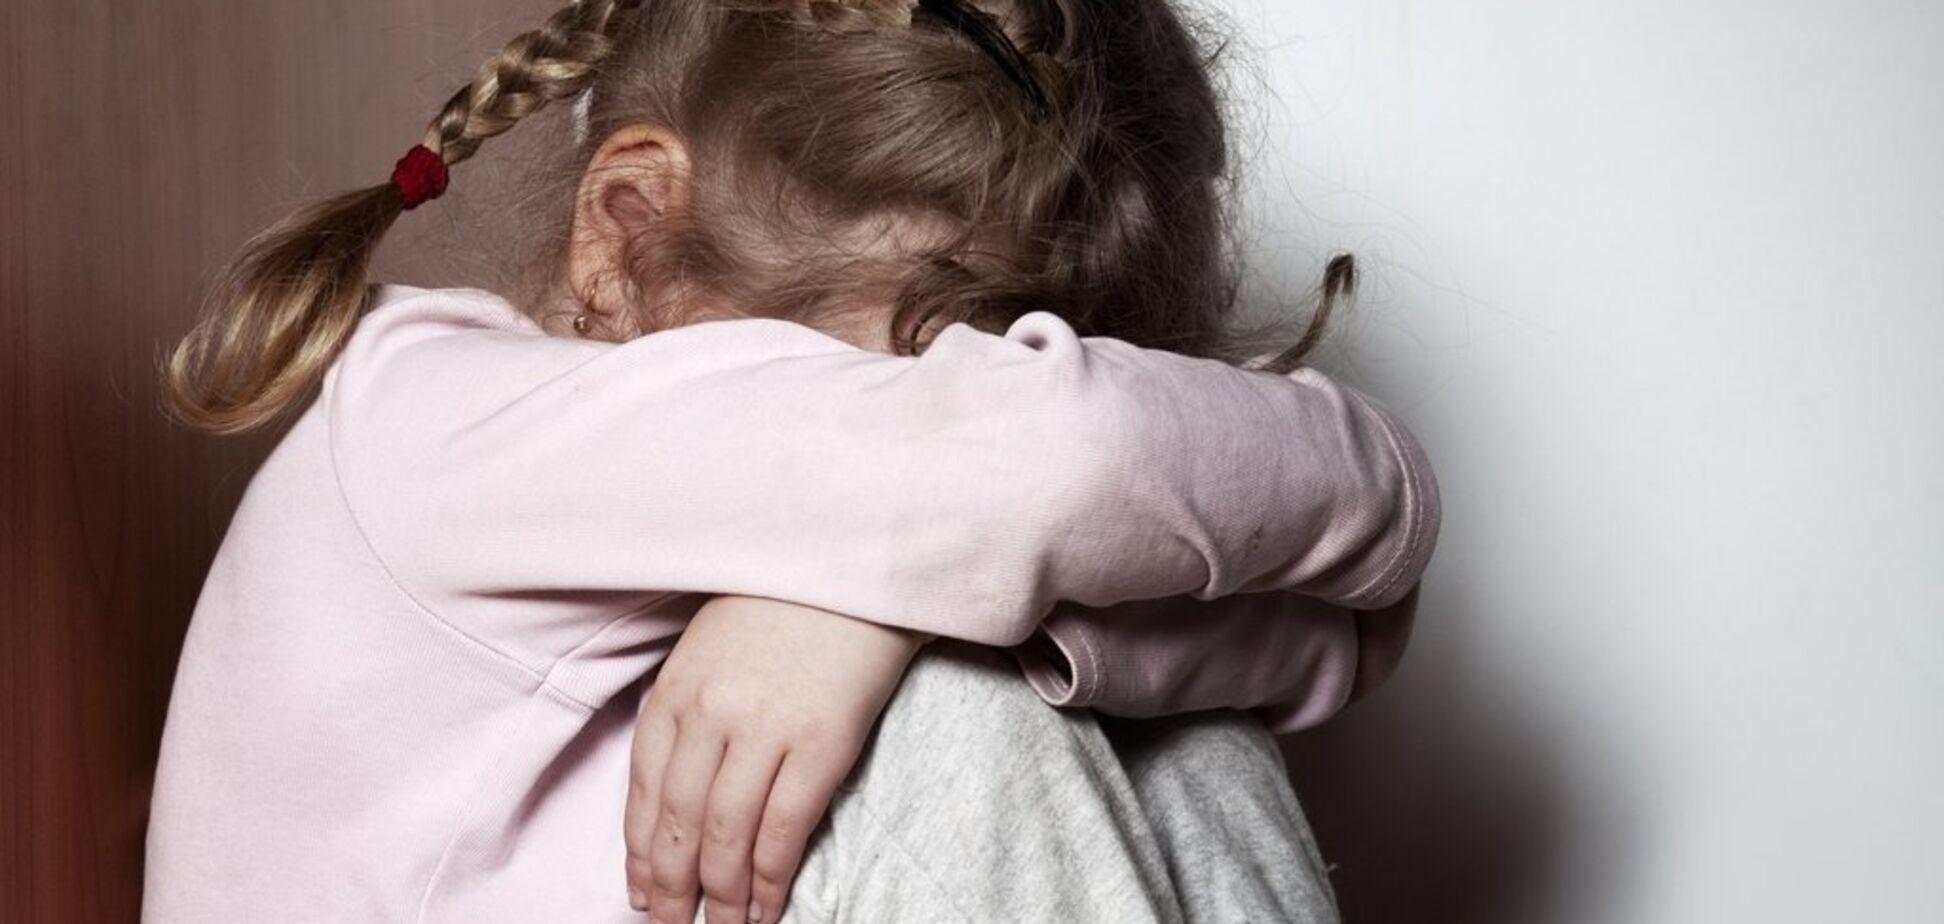 Уже сидел: на Волыни педофил поиздевался над 5-летней девочкой